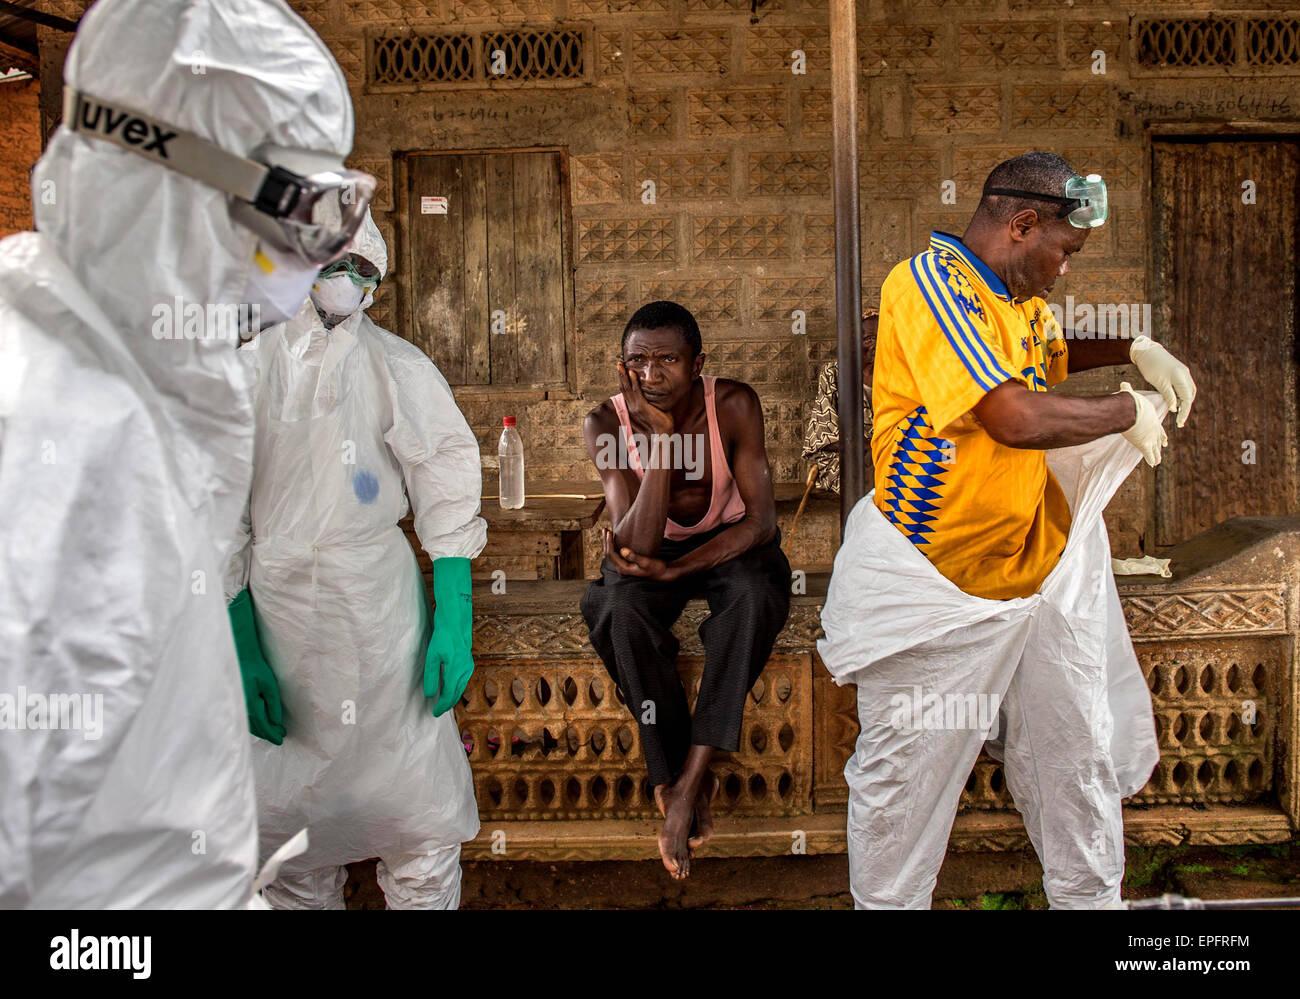 Les membres d'une équipe d'enterrement se préparer pour un enterrement en Luyama Komende village. Photo Stock